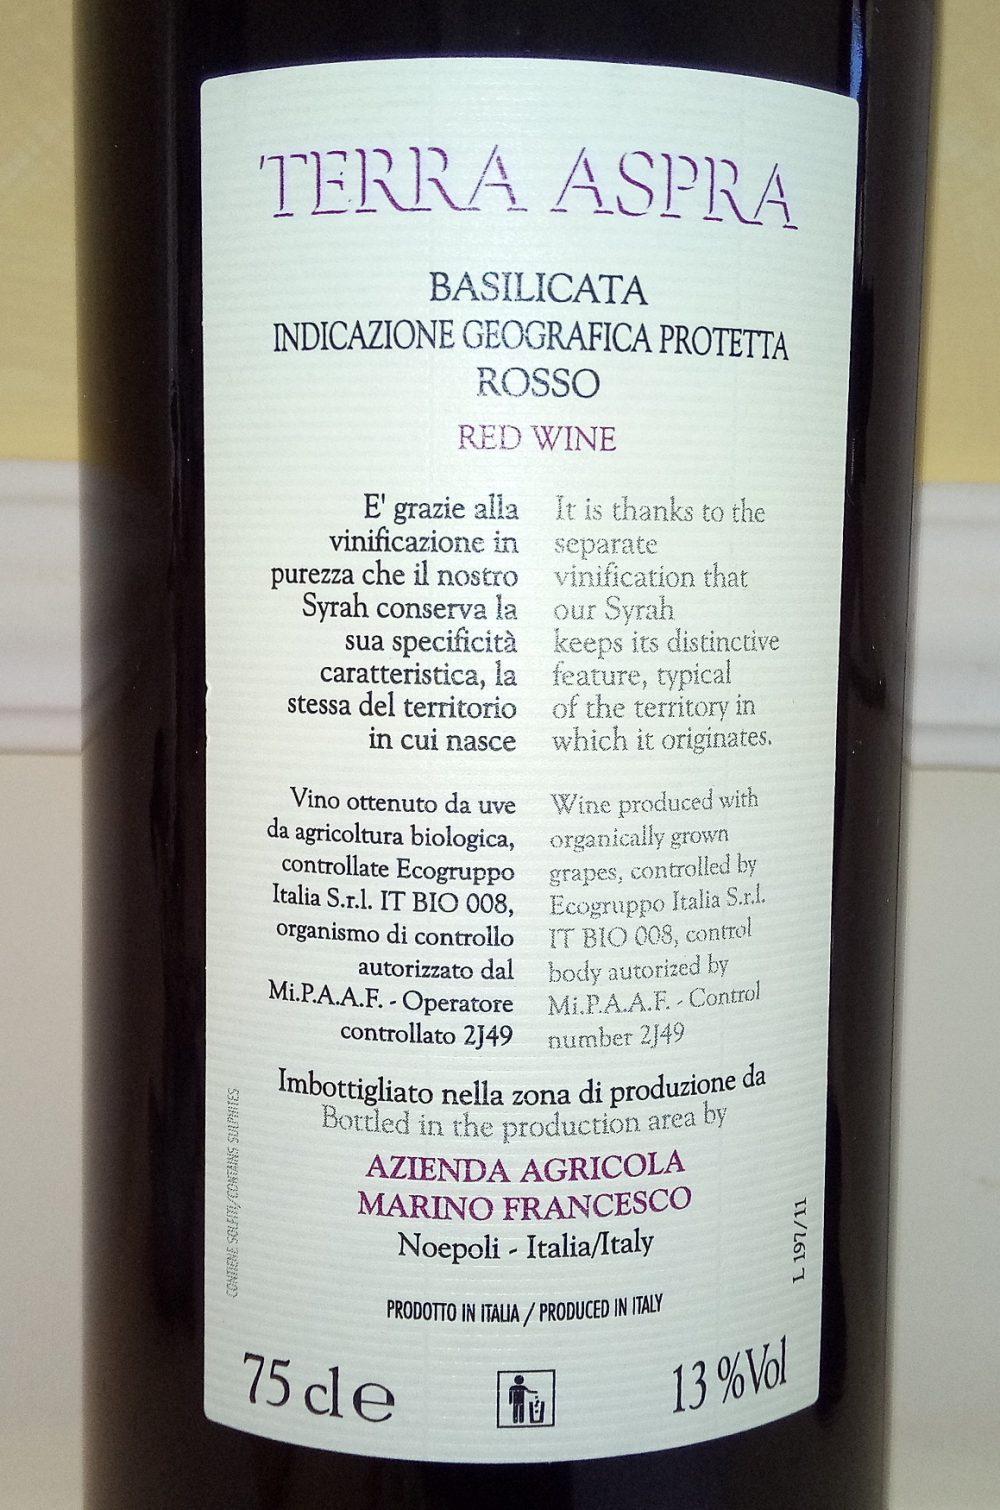 Controetichetta Terra Aspra Rosso Basilicata Igp 2009 Marino